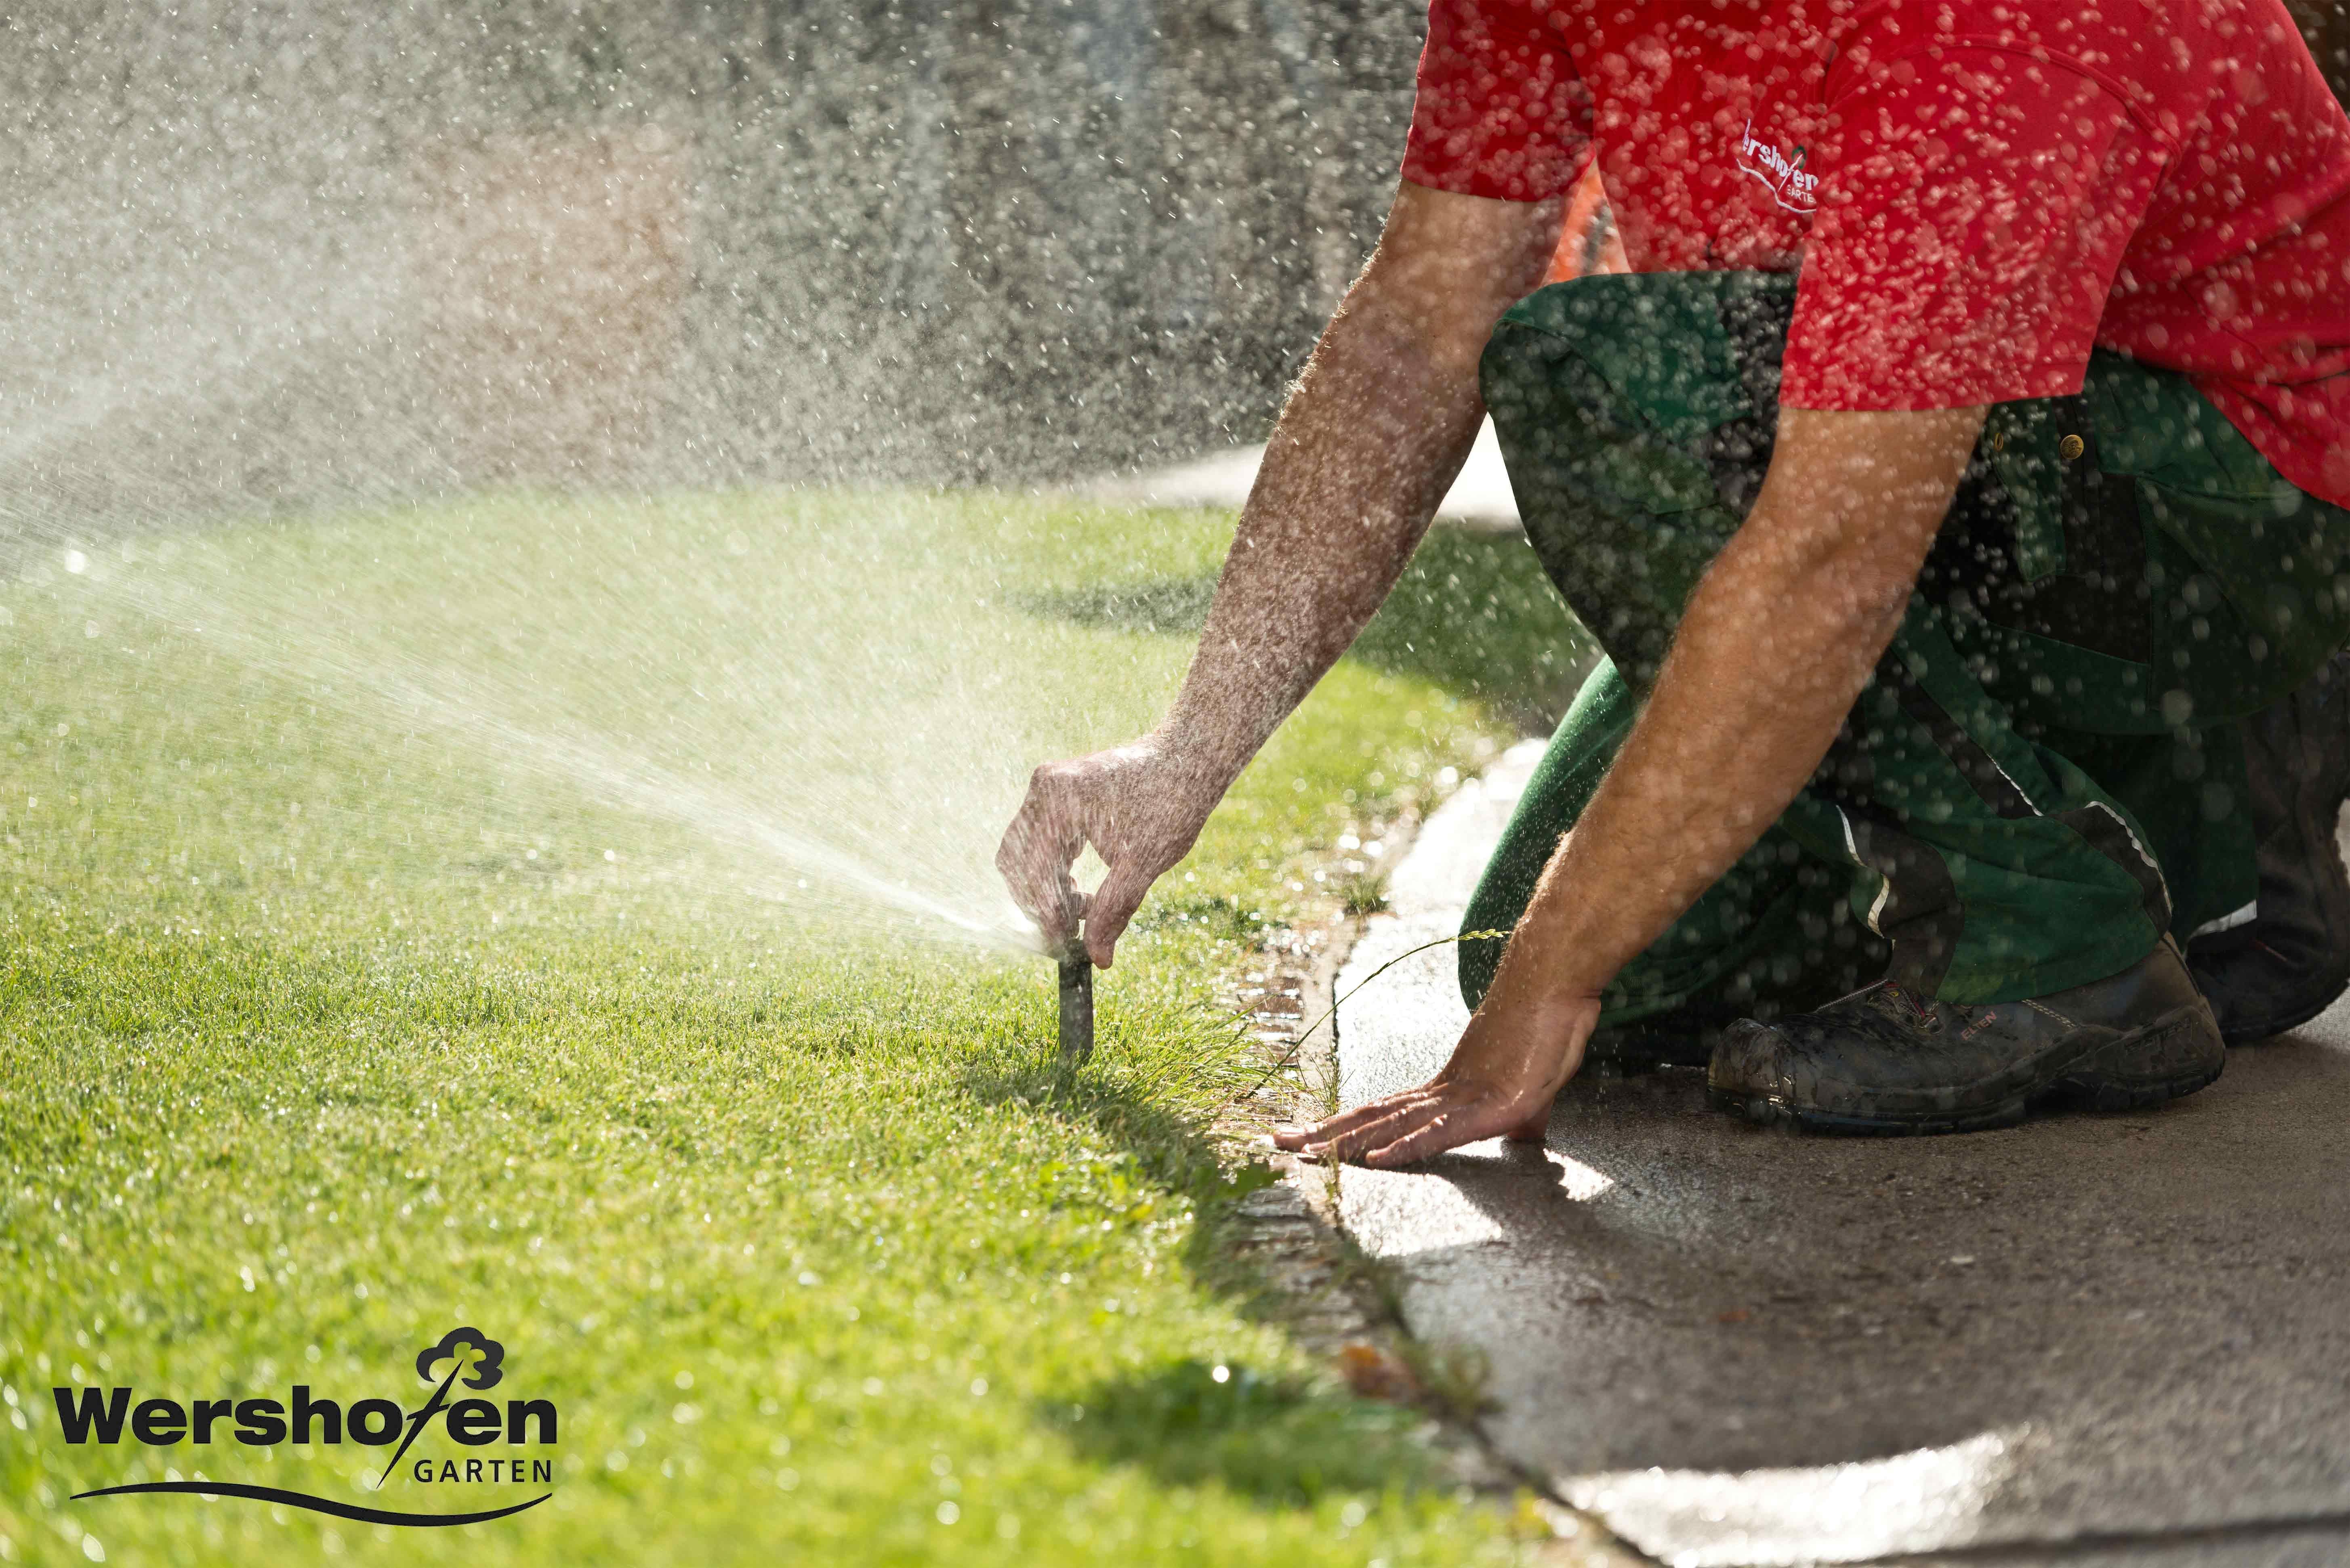 Wershofen Garten Details automatische Gartenbewässerung